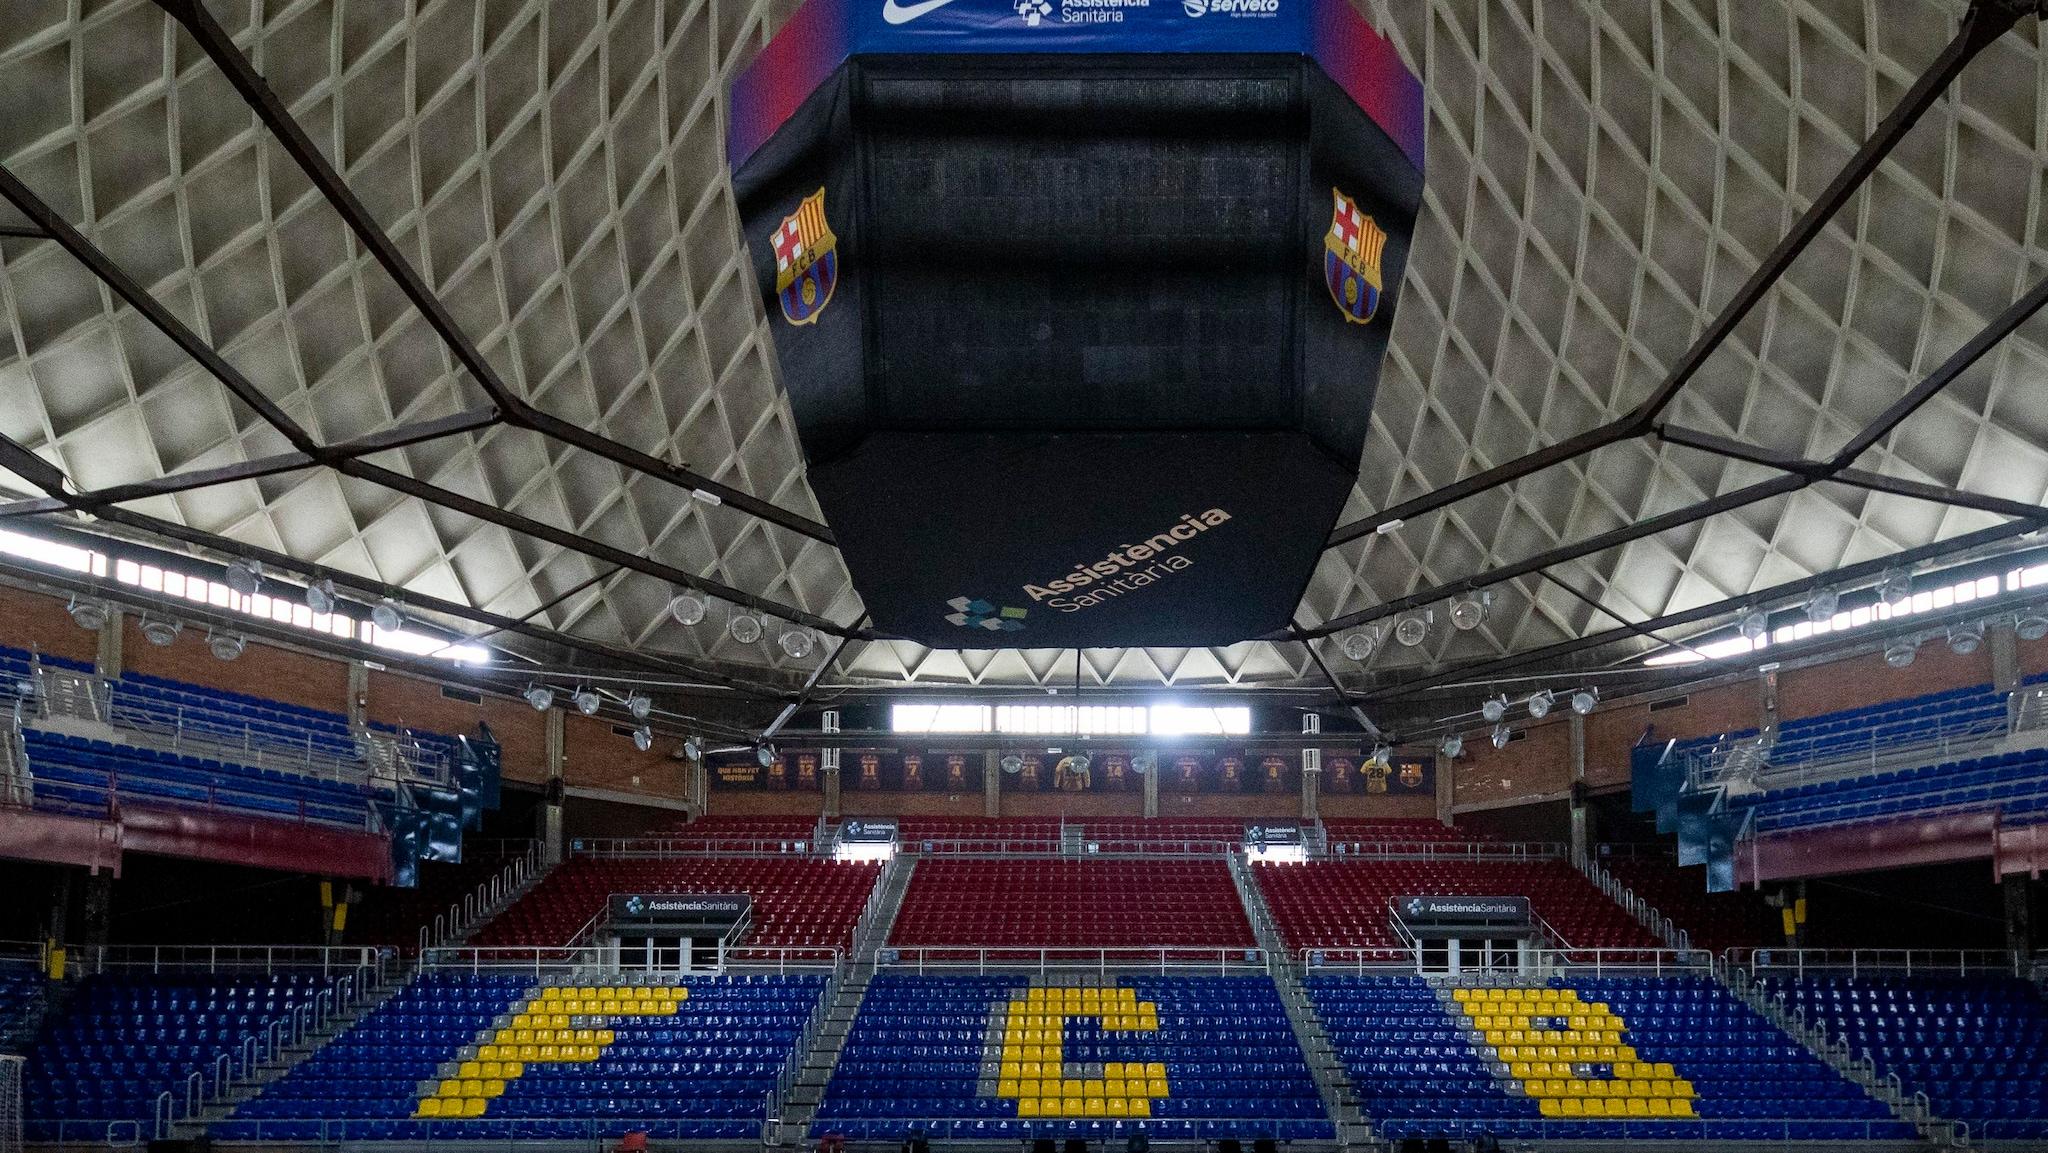 Barça - KPRF, Murcia - Tyumen: guia da fase final